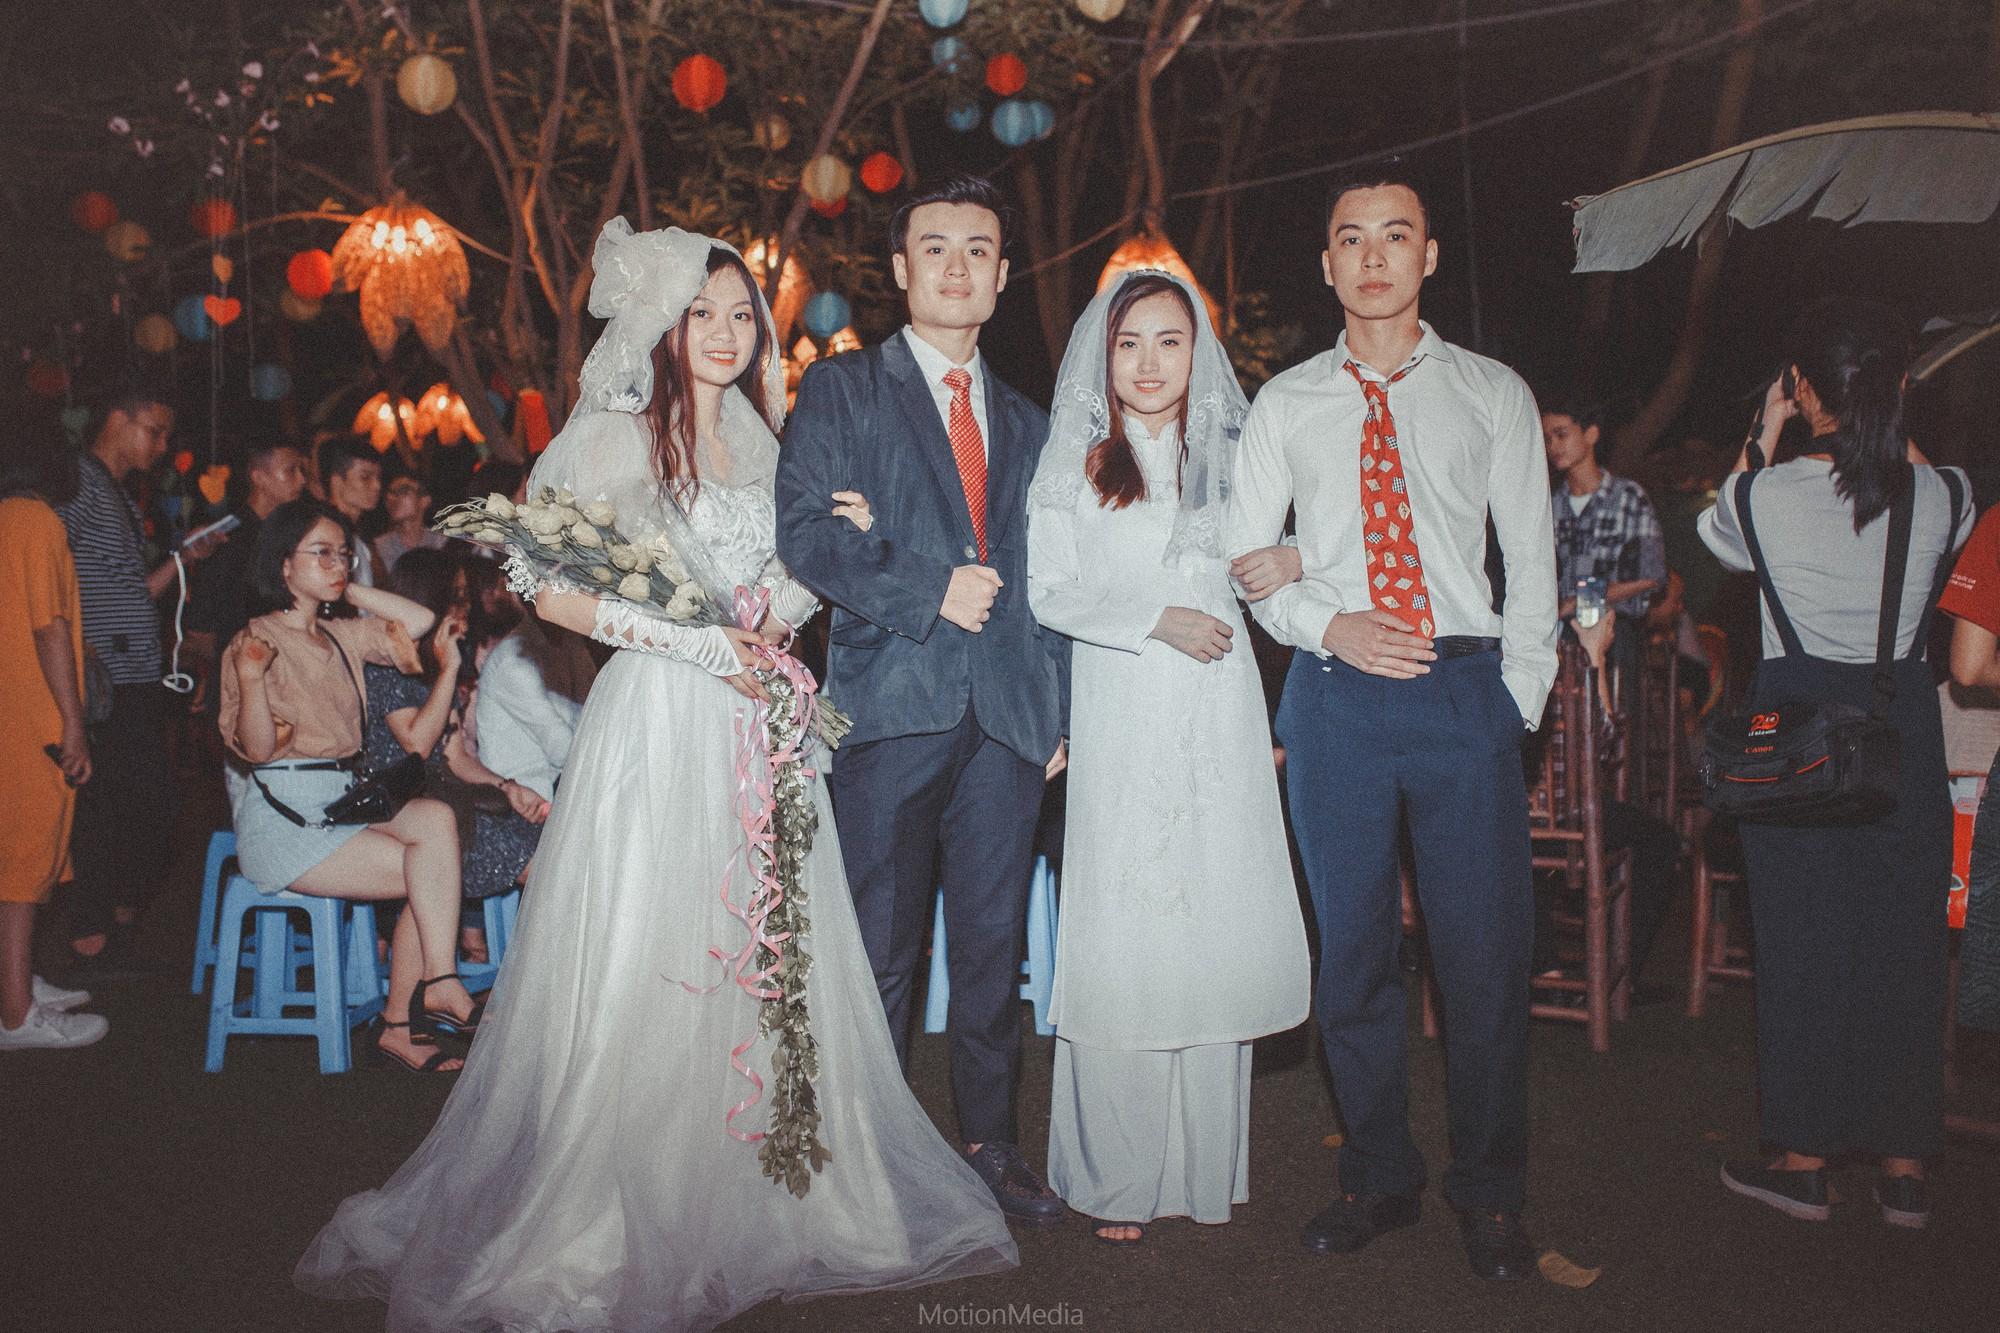 Sinh viên báo chí tổ chức triển lãm không gian cưới thập niên 80s, 90s ngay giữa lòng Hà Nội